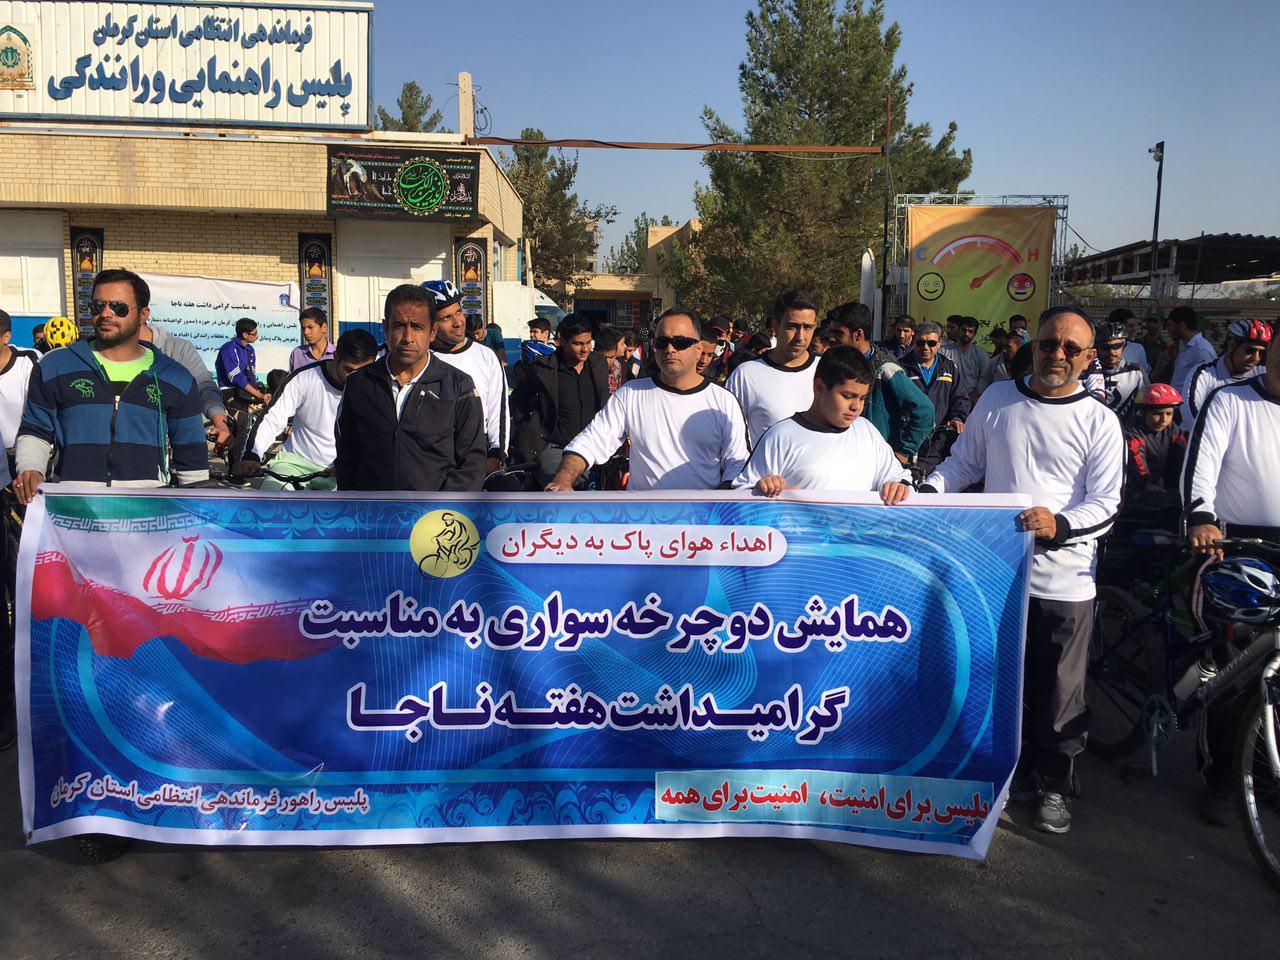 برگزاری همایش بزرگ دوچرخه سواری در کرمان + تصاویر